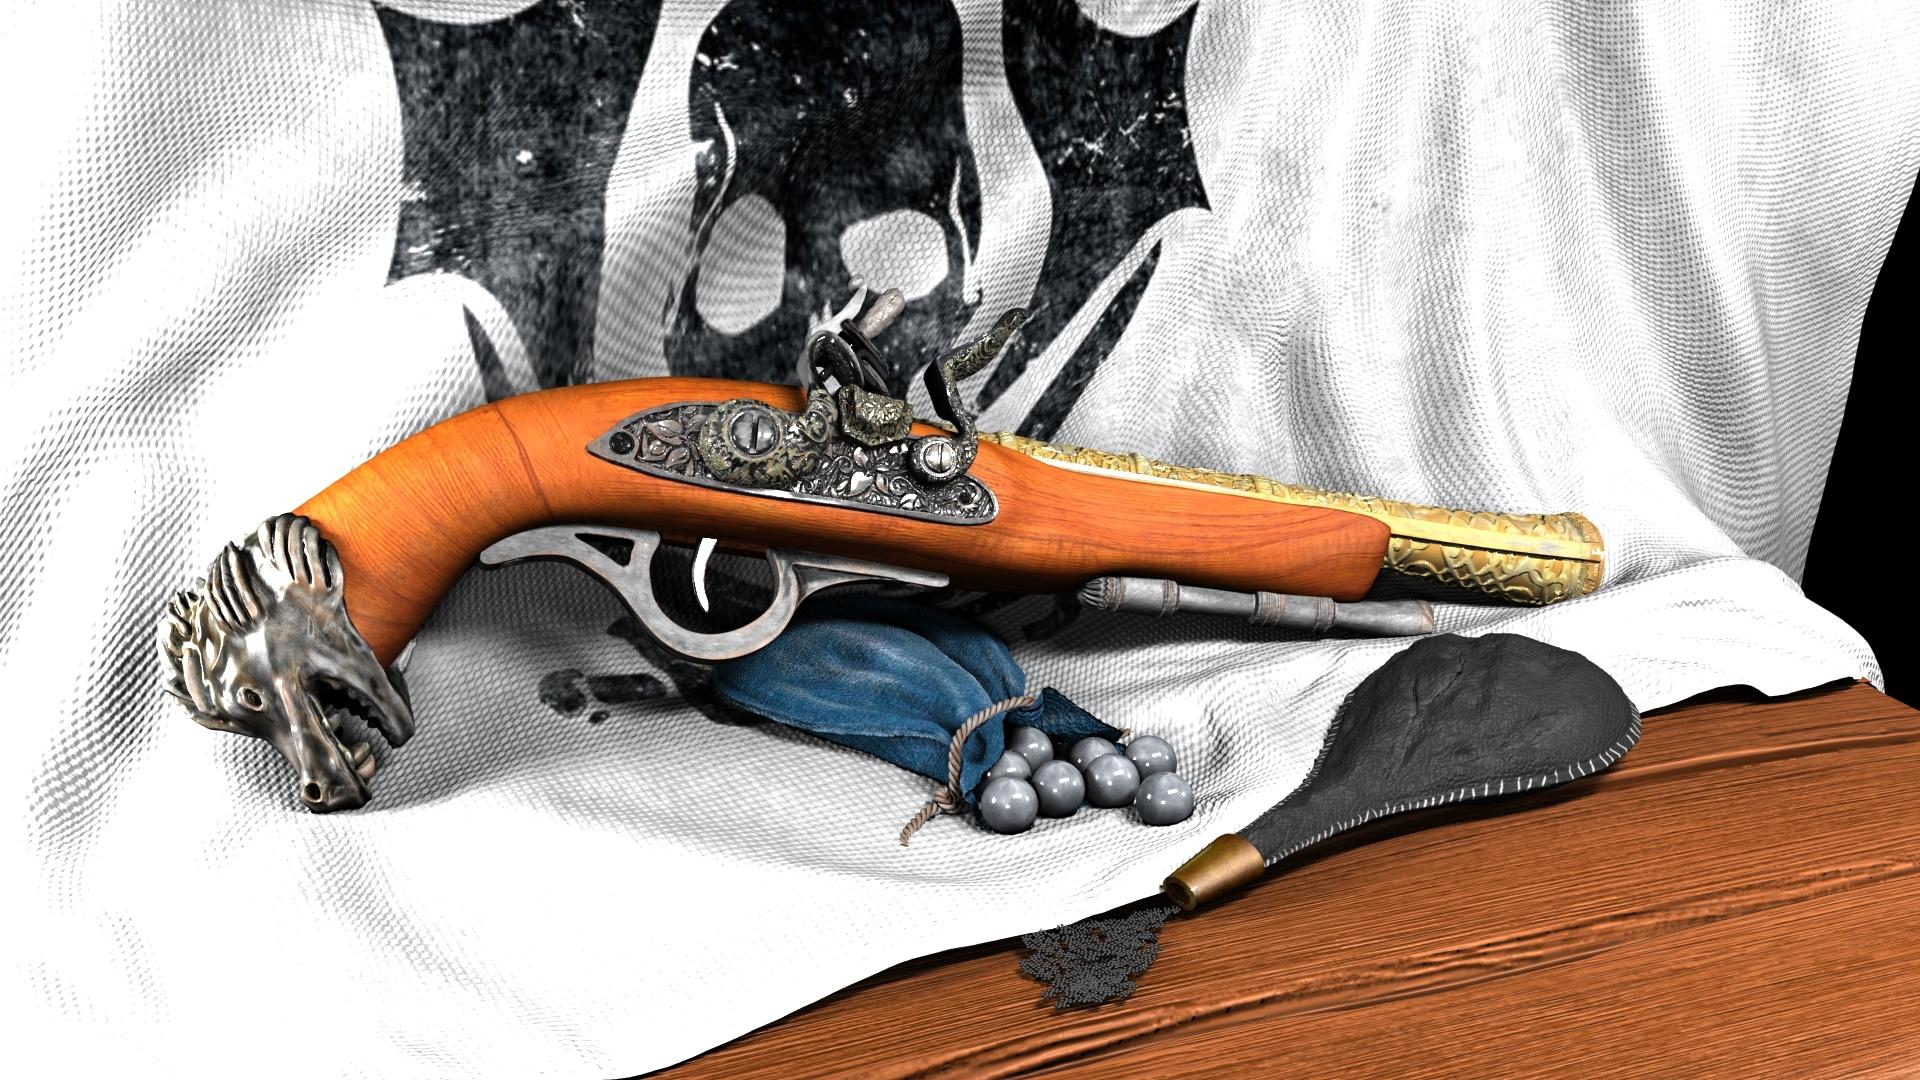 Assassin's Creed Pistol 3d art